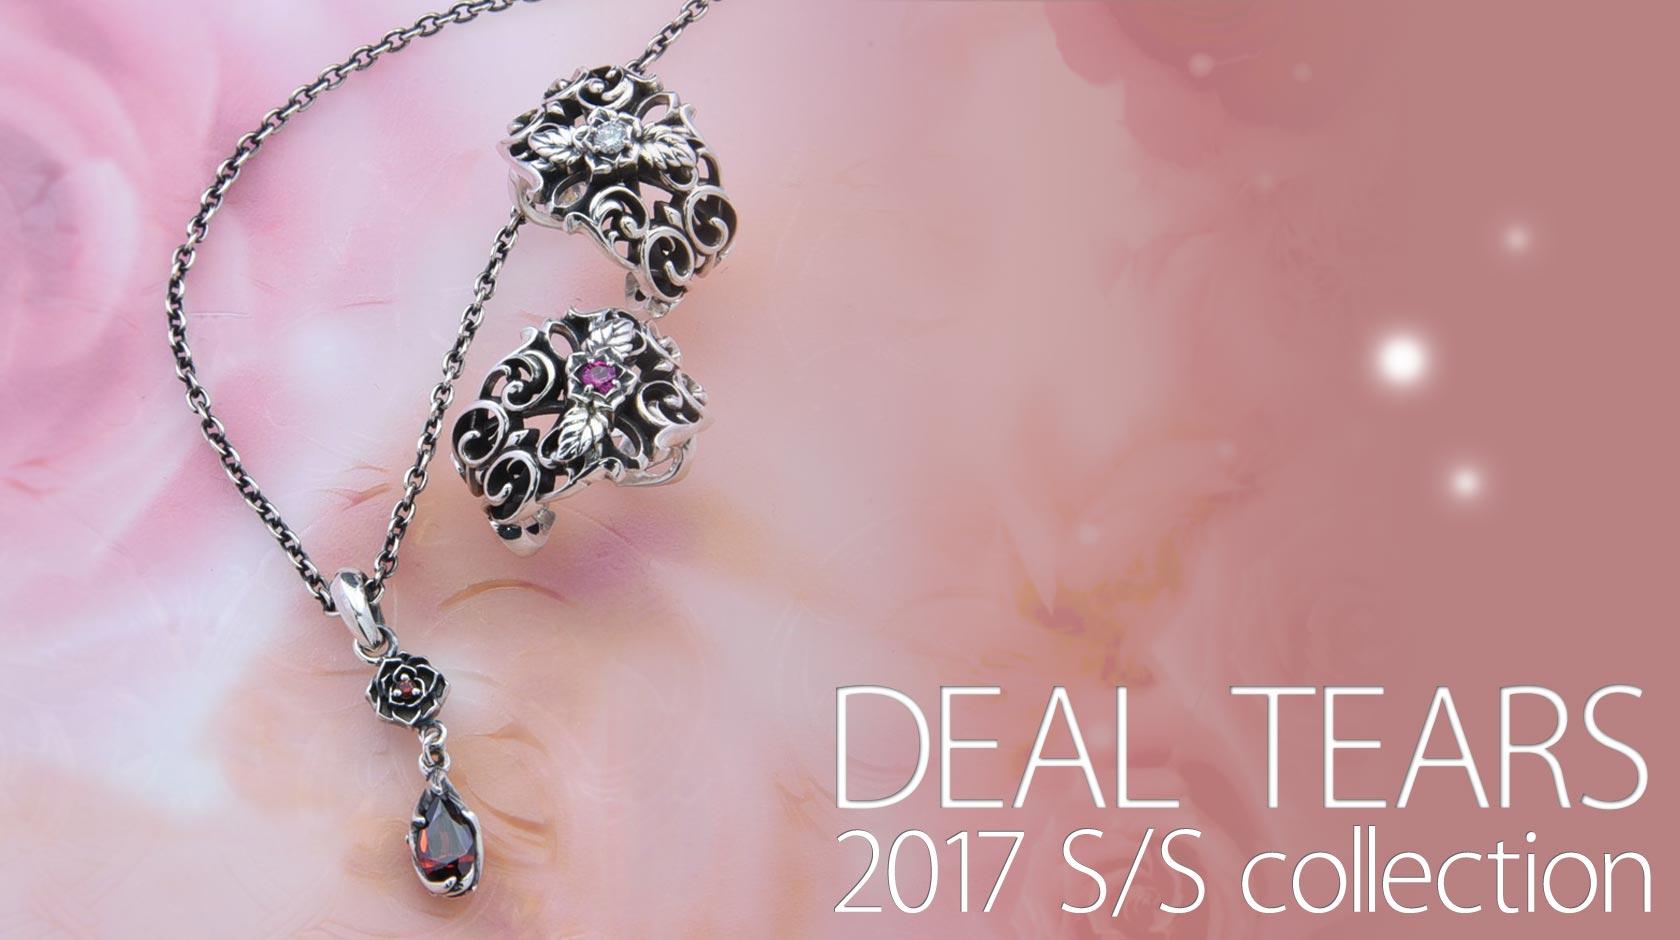 2017 S/S DealTears